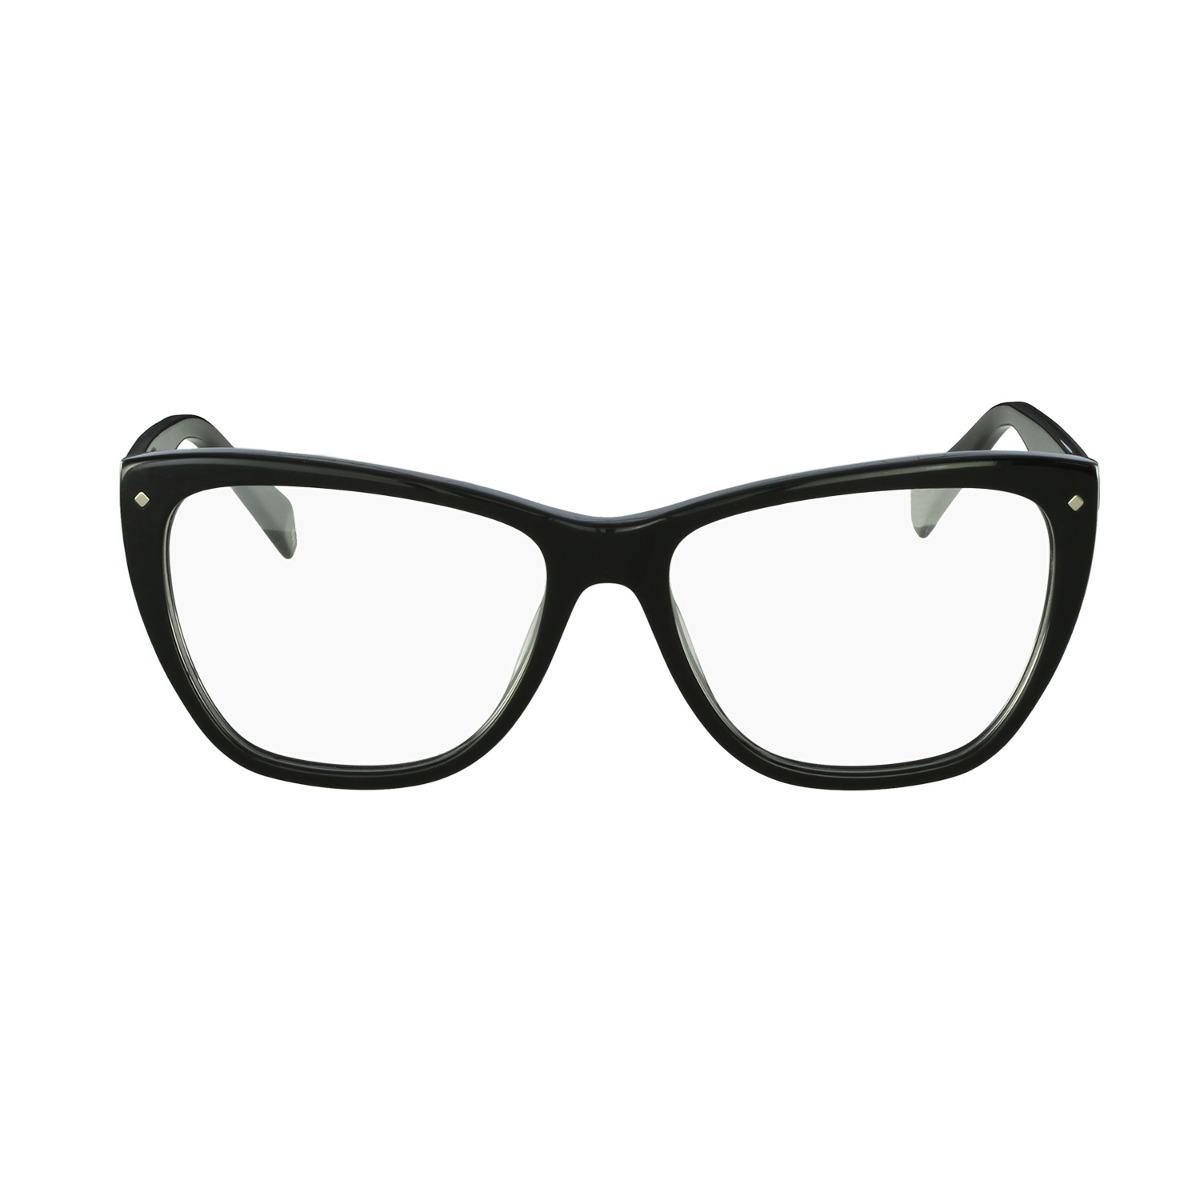 0ef94563653a6 Óculos De Grau Polaroid Casual Preto - R  249